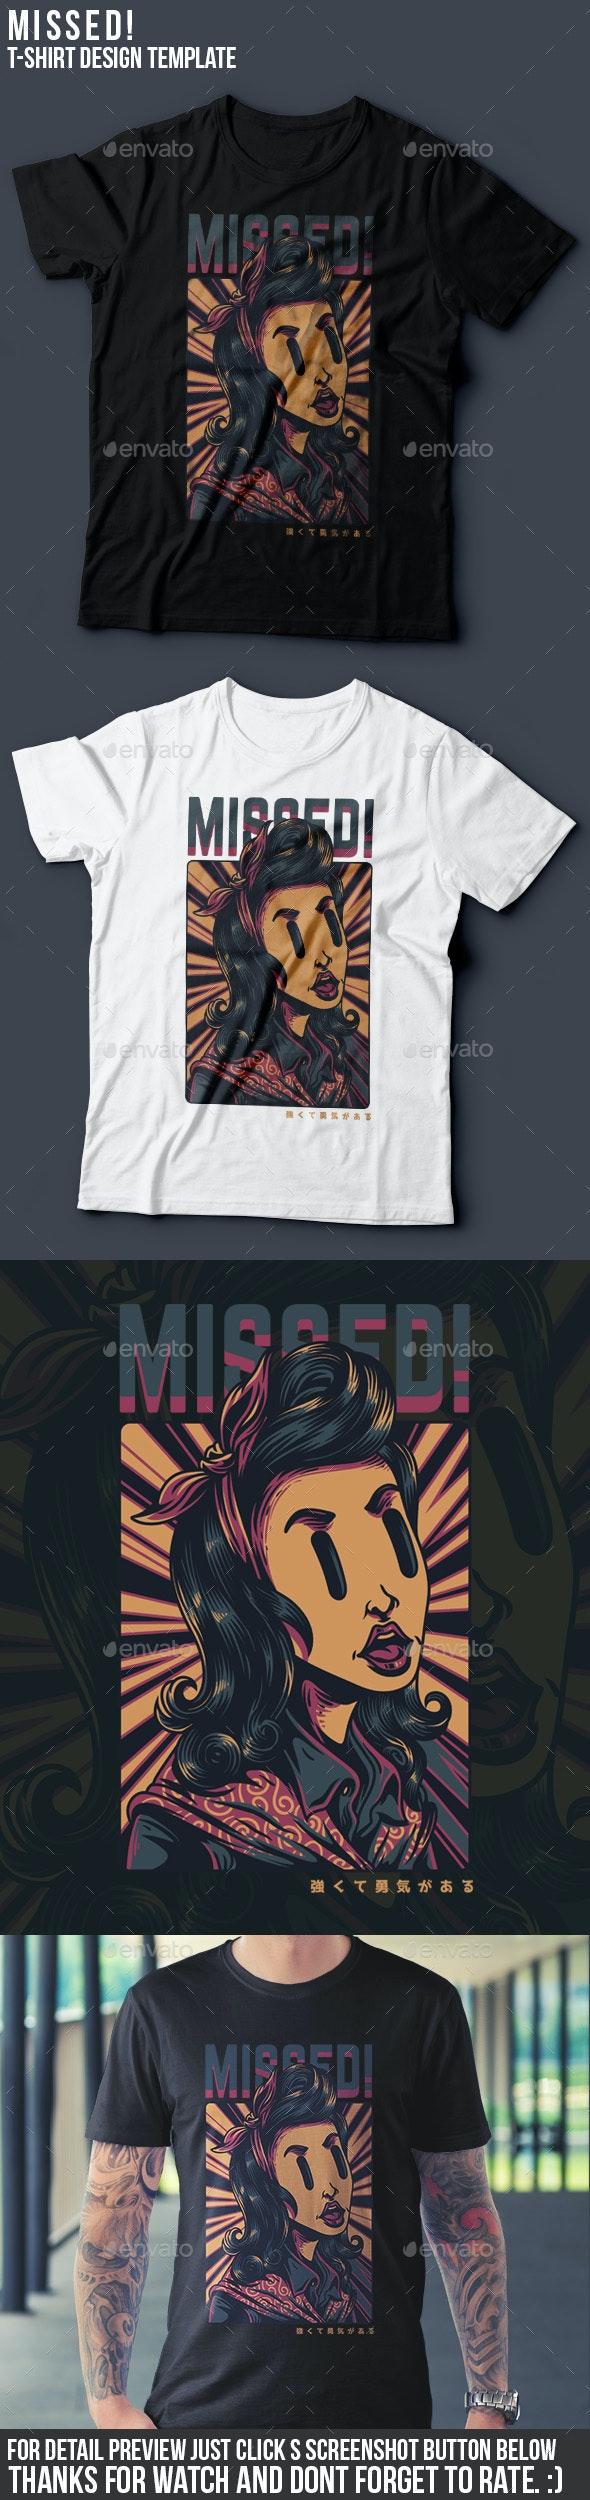 Missed! T-Shirt Design - Grunge Designs